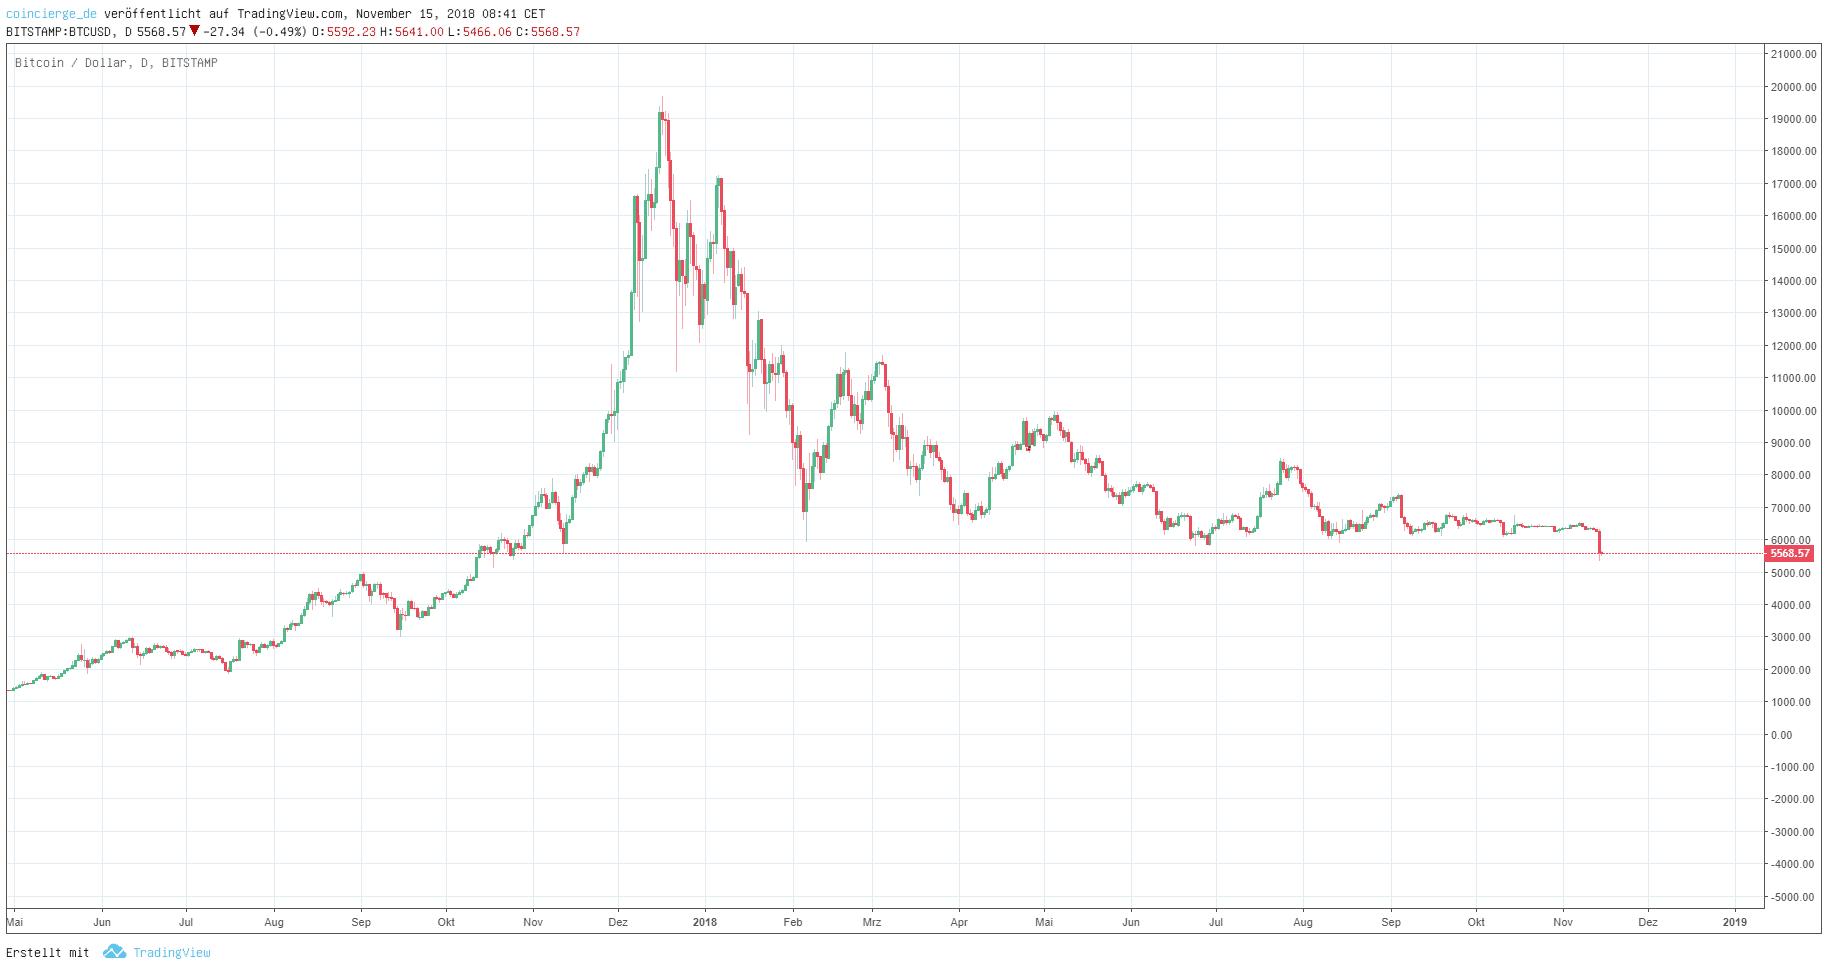 BTC kurs crash 2018 im November